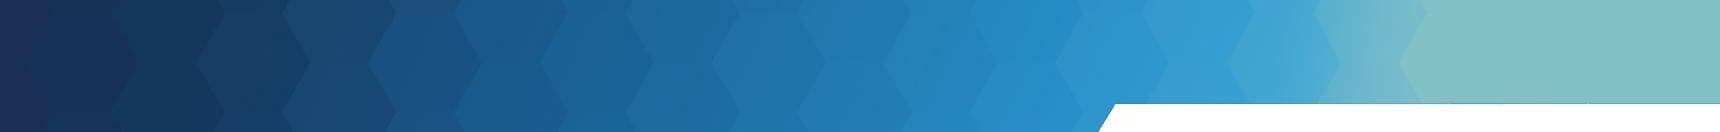 blue-hexagon-banner